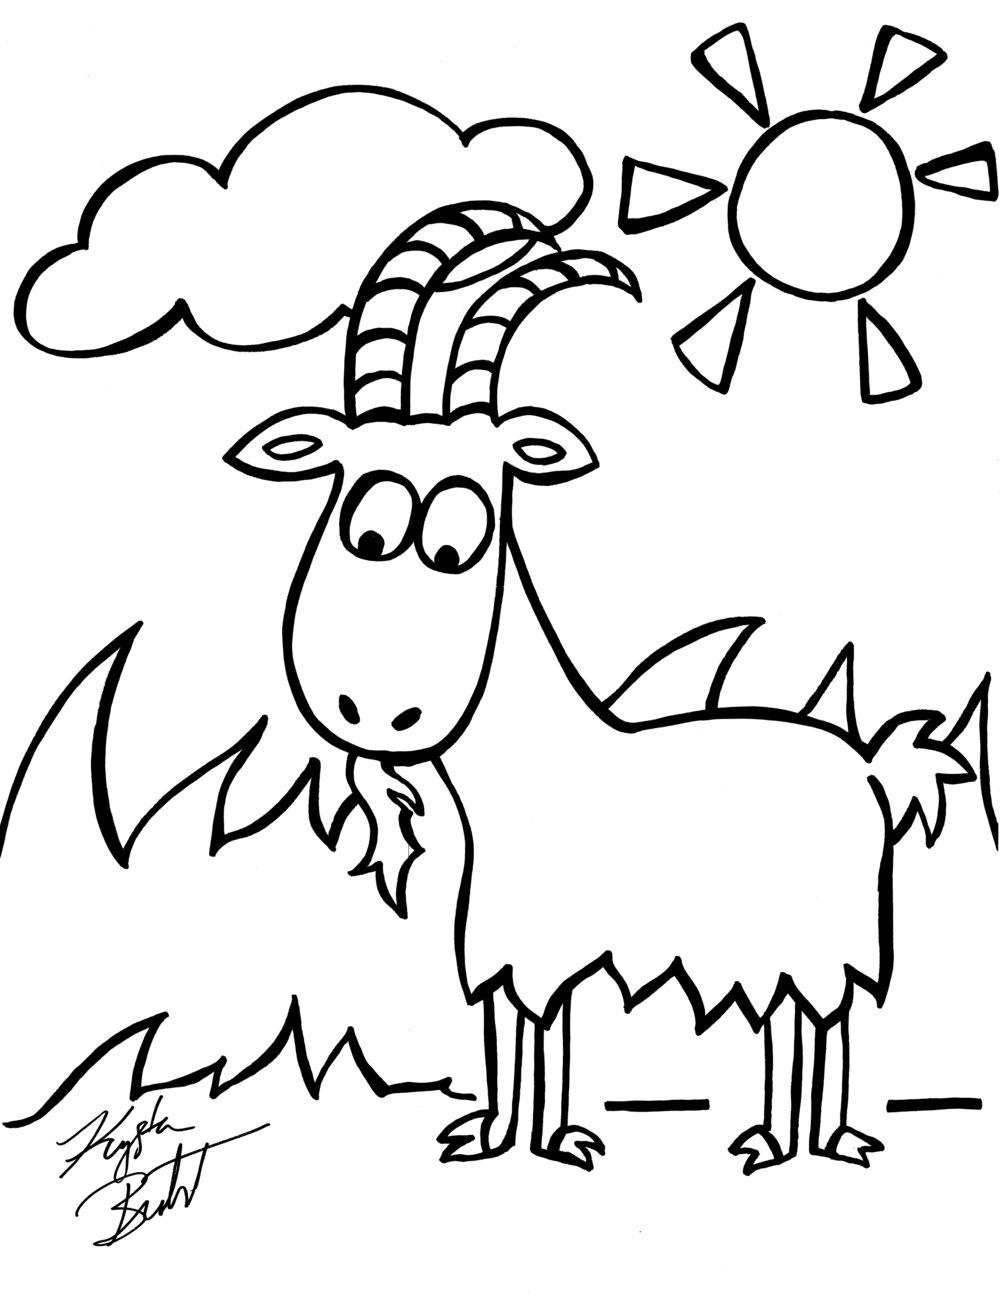 G_Goat.jpg